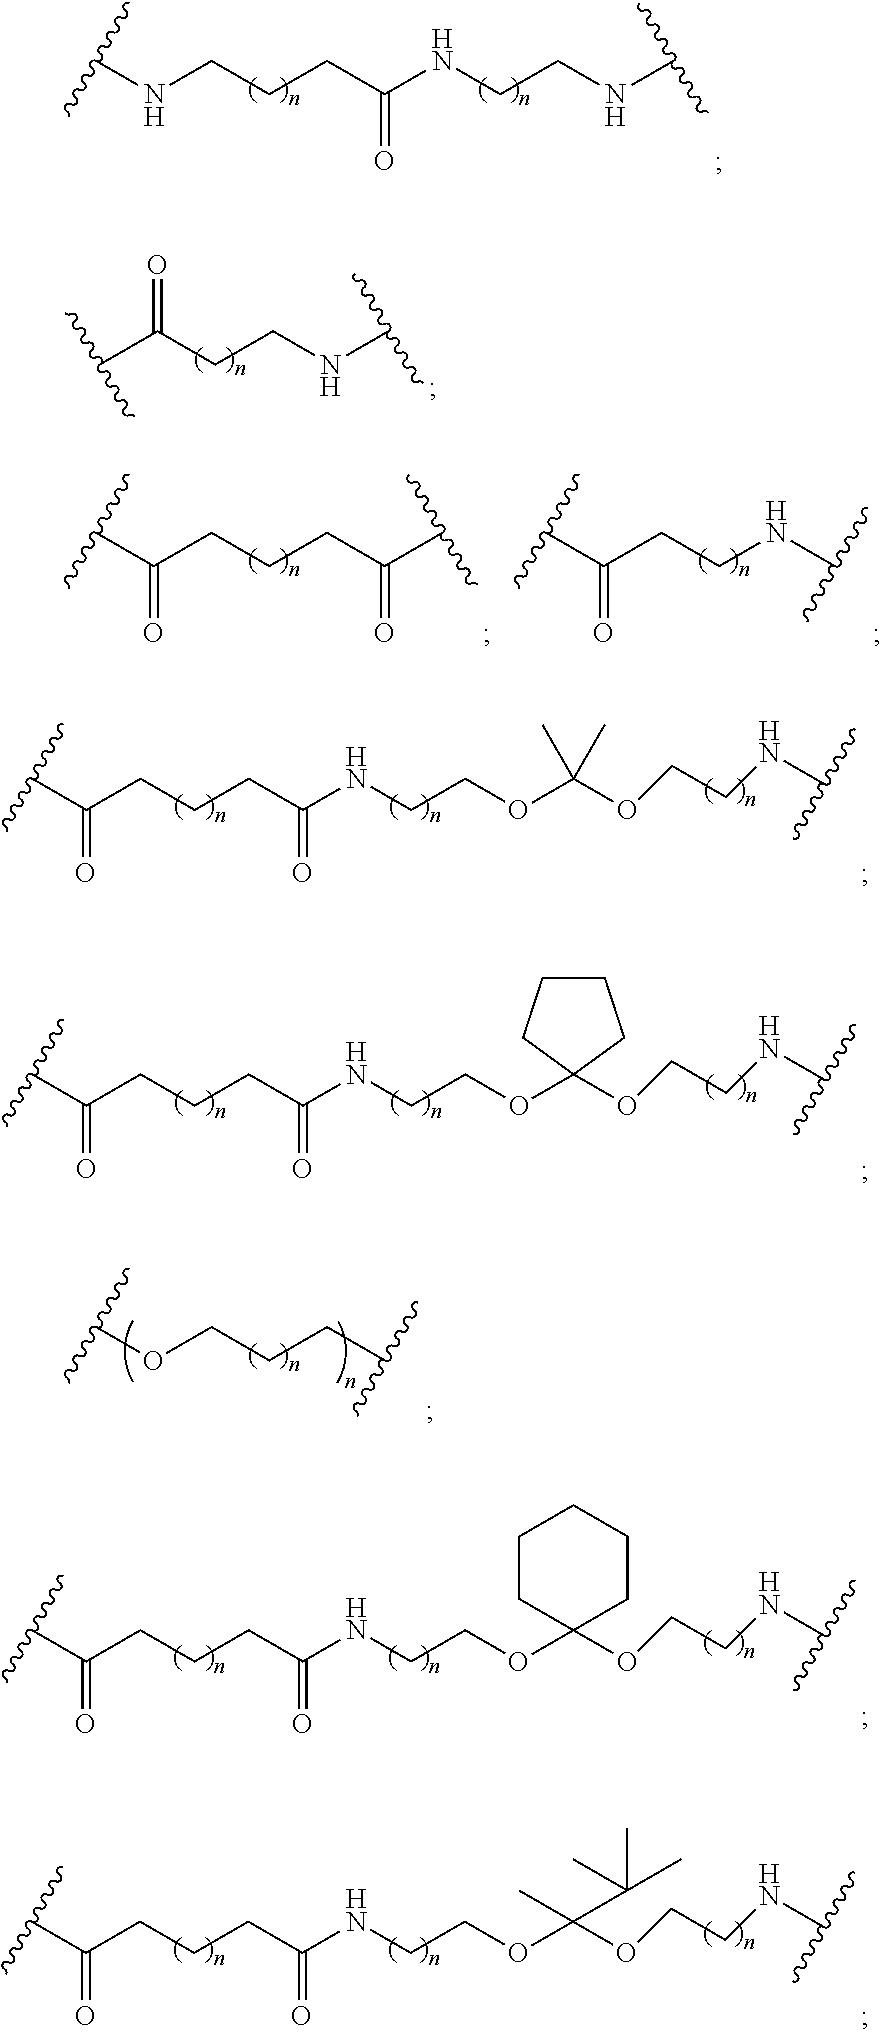 Figure US09957504-20180501-C00147